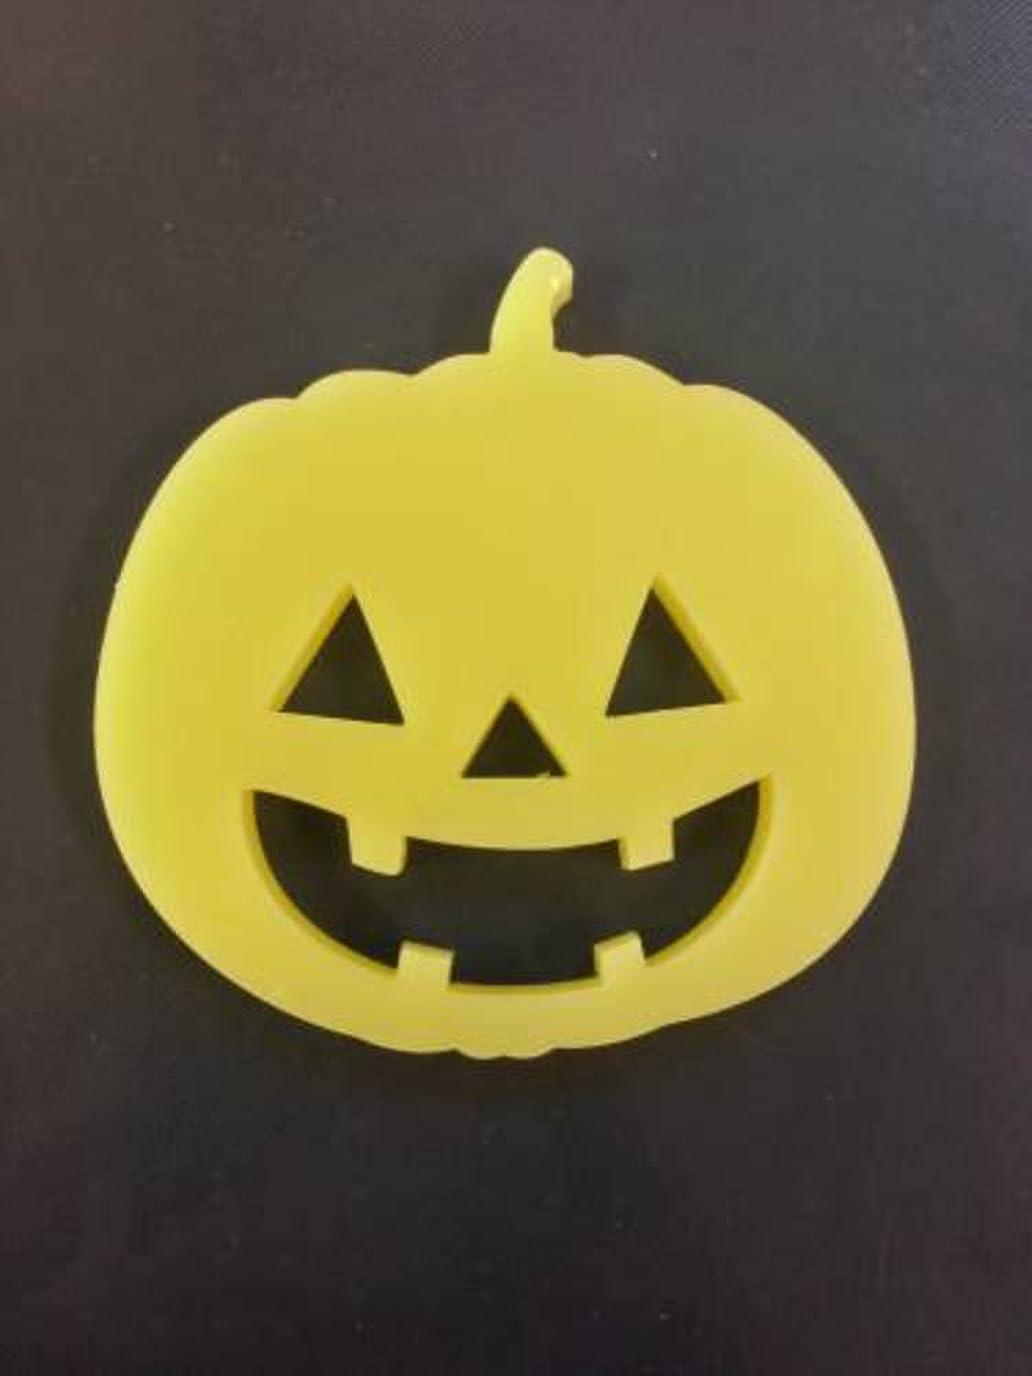 解き明かす請願者騒GRASSE TOKYO AROMATICWAXチャーム「ハロウィンかぼちゃ」(YE) ベルガモット アロマティックワックス グラーストウキョウ